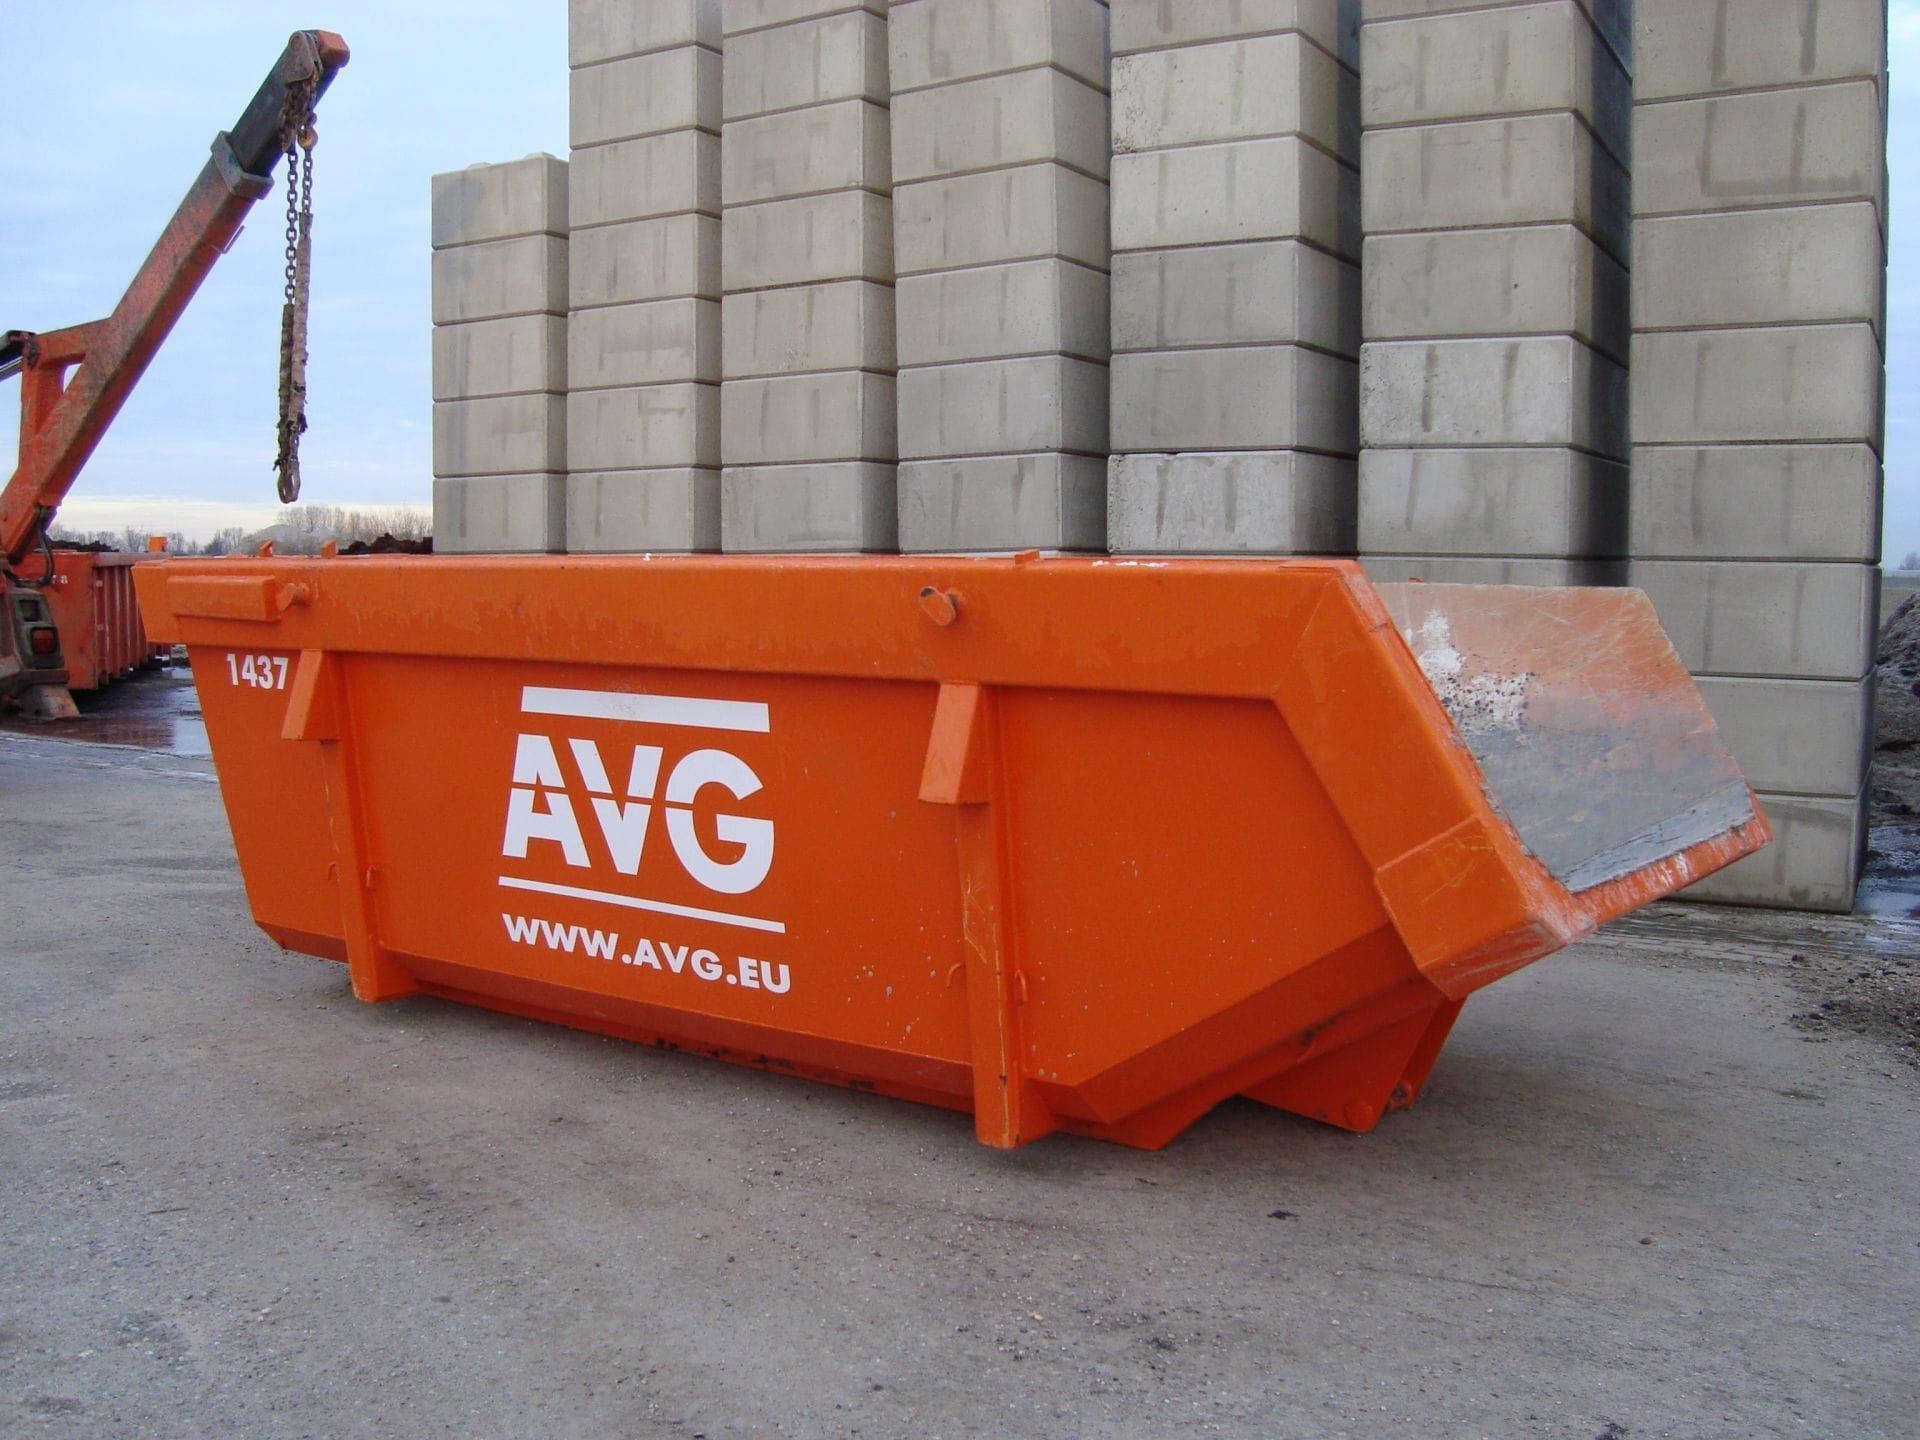 kleine-container-12-avg-bouwstoffen